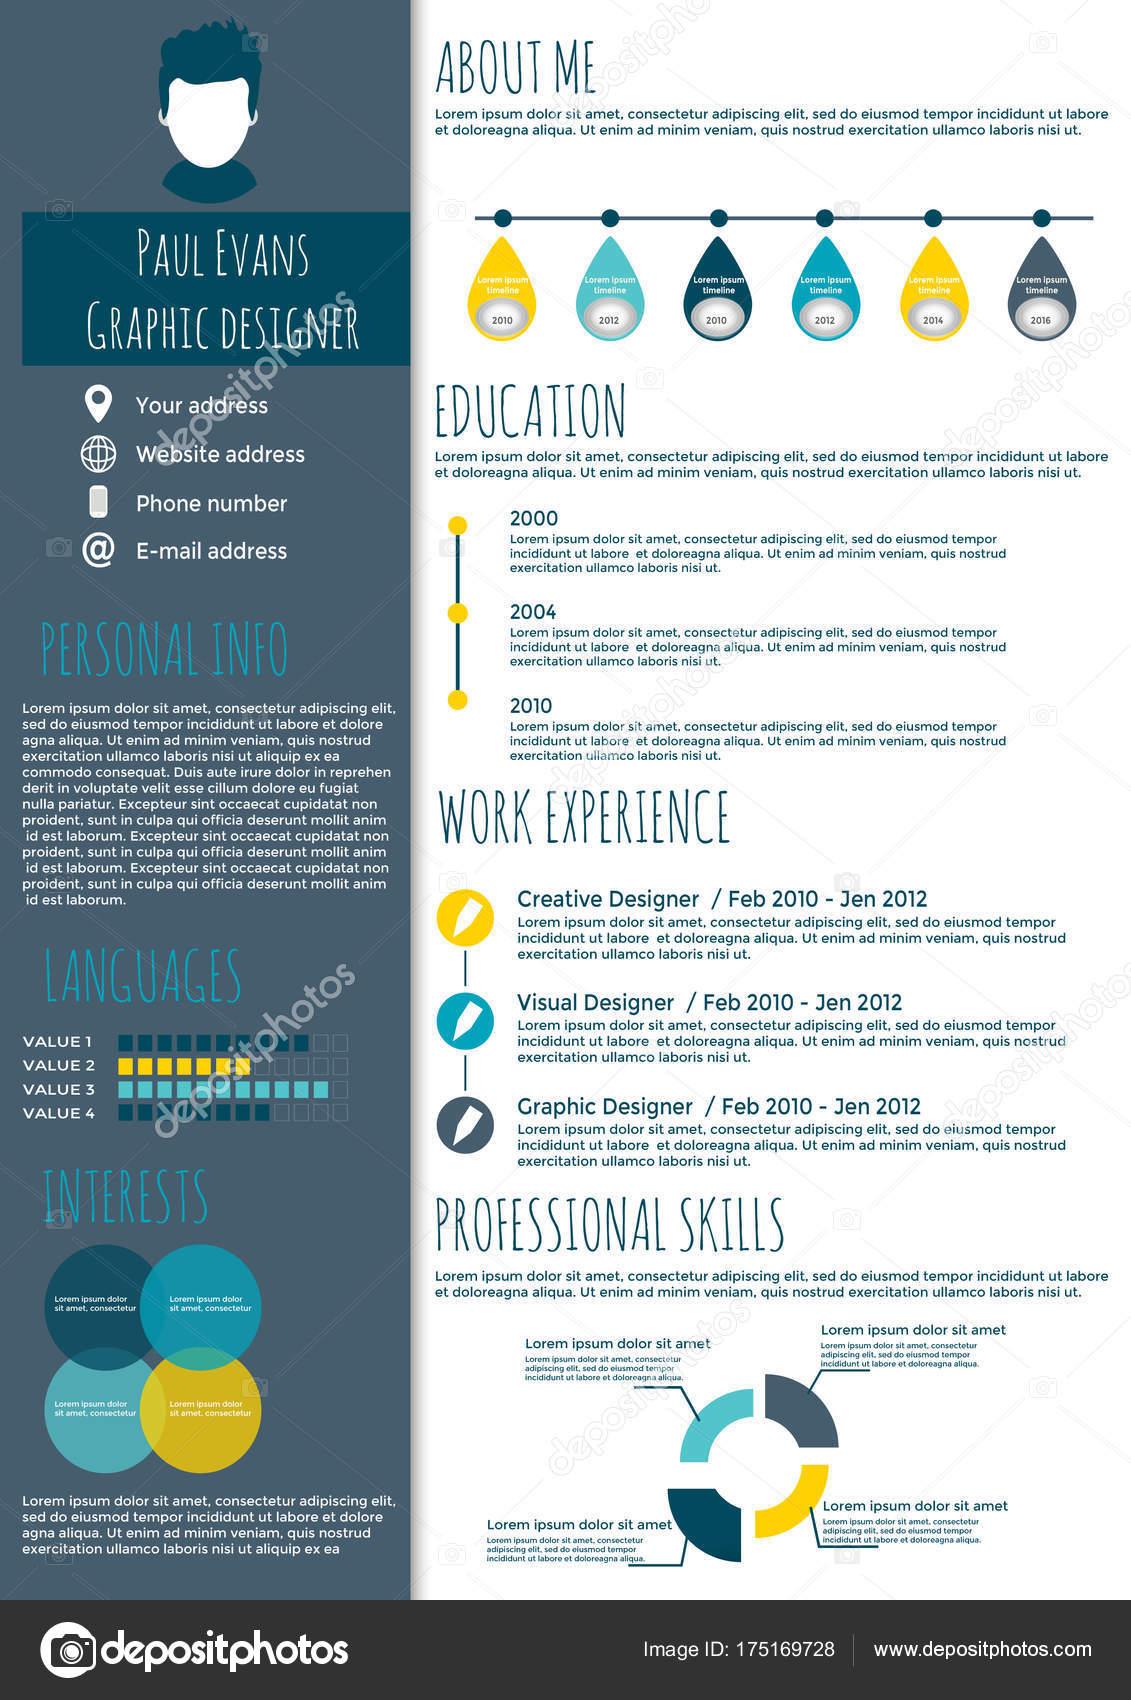 Flache Lebenslauf Infografik design — Stockvektor © TanyaSun #175169728